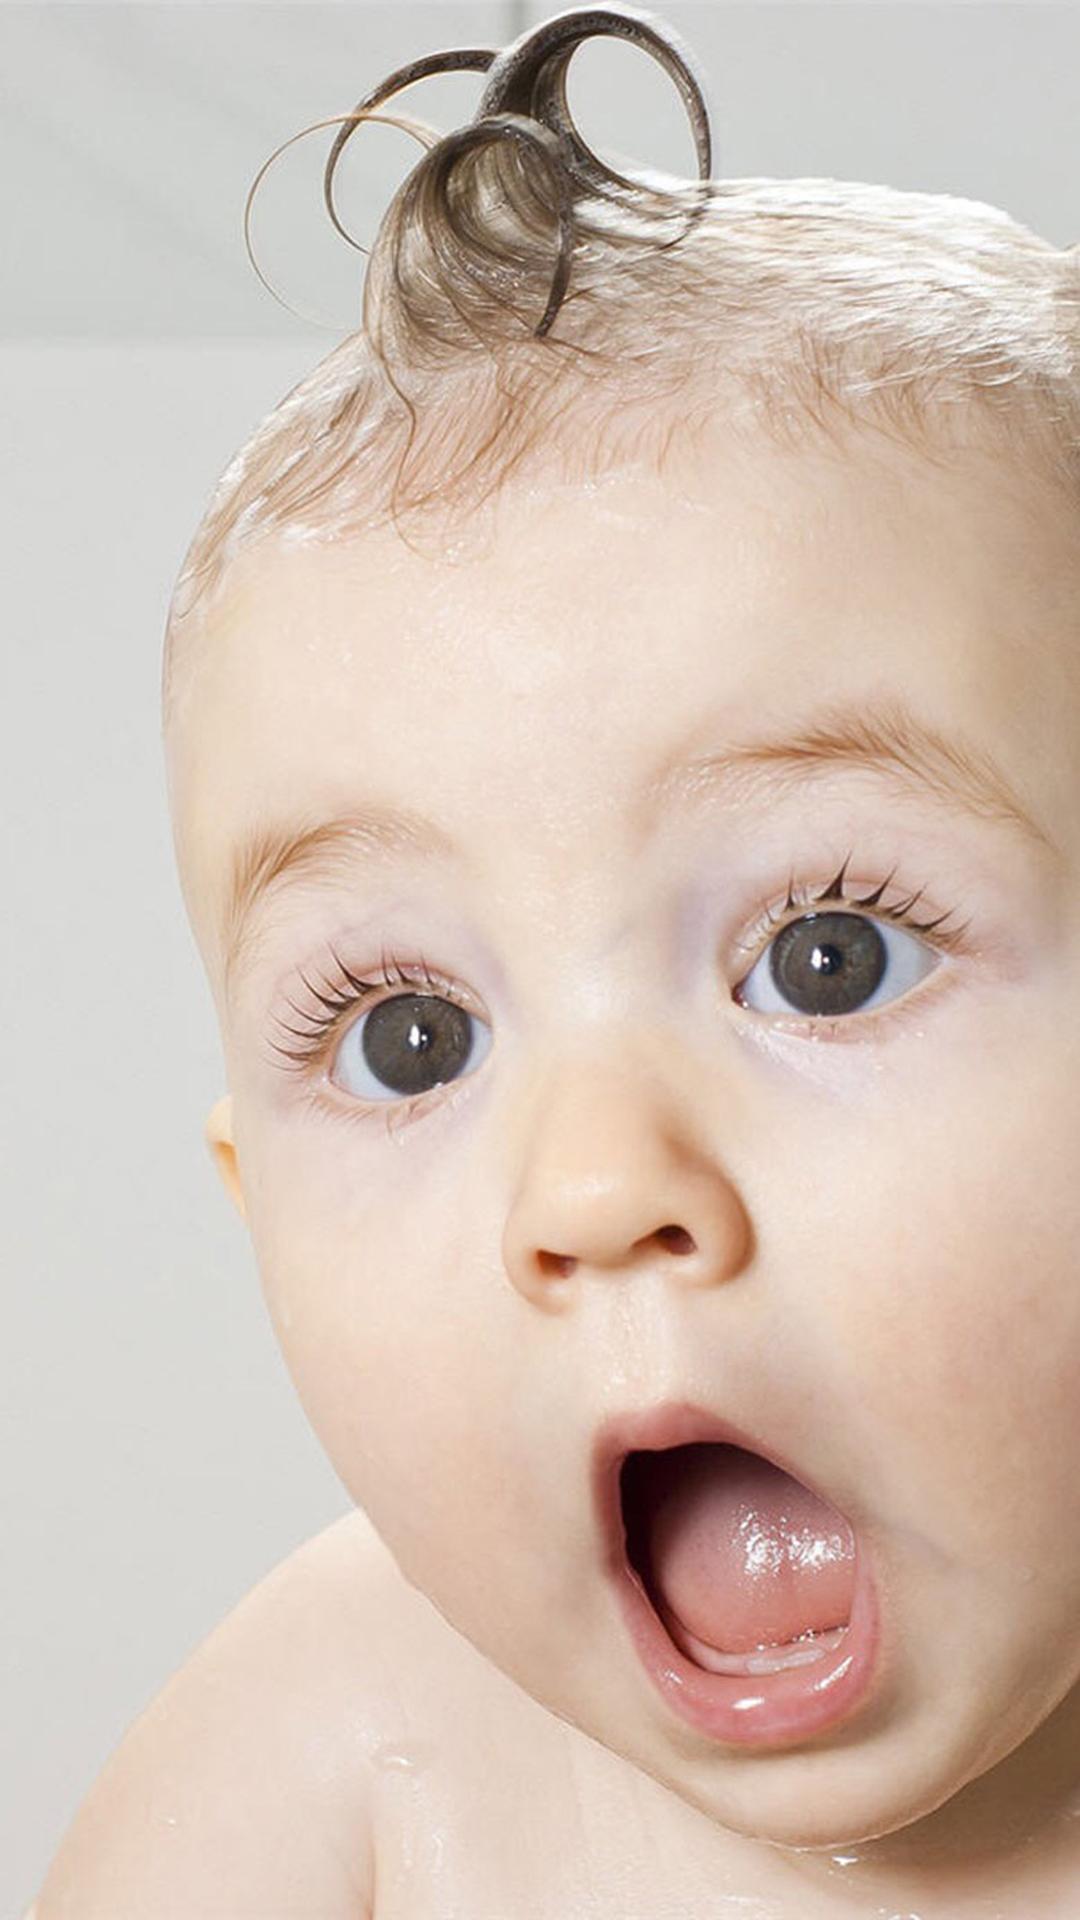 萌娃 欧美 可爱 大眼睛